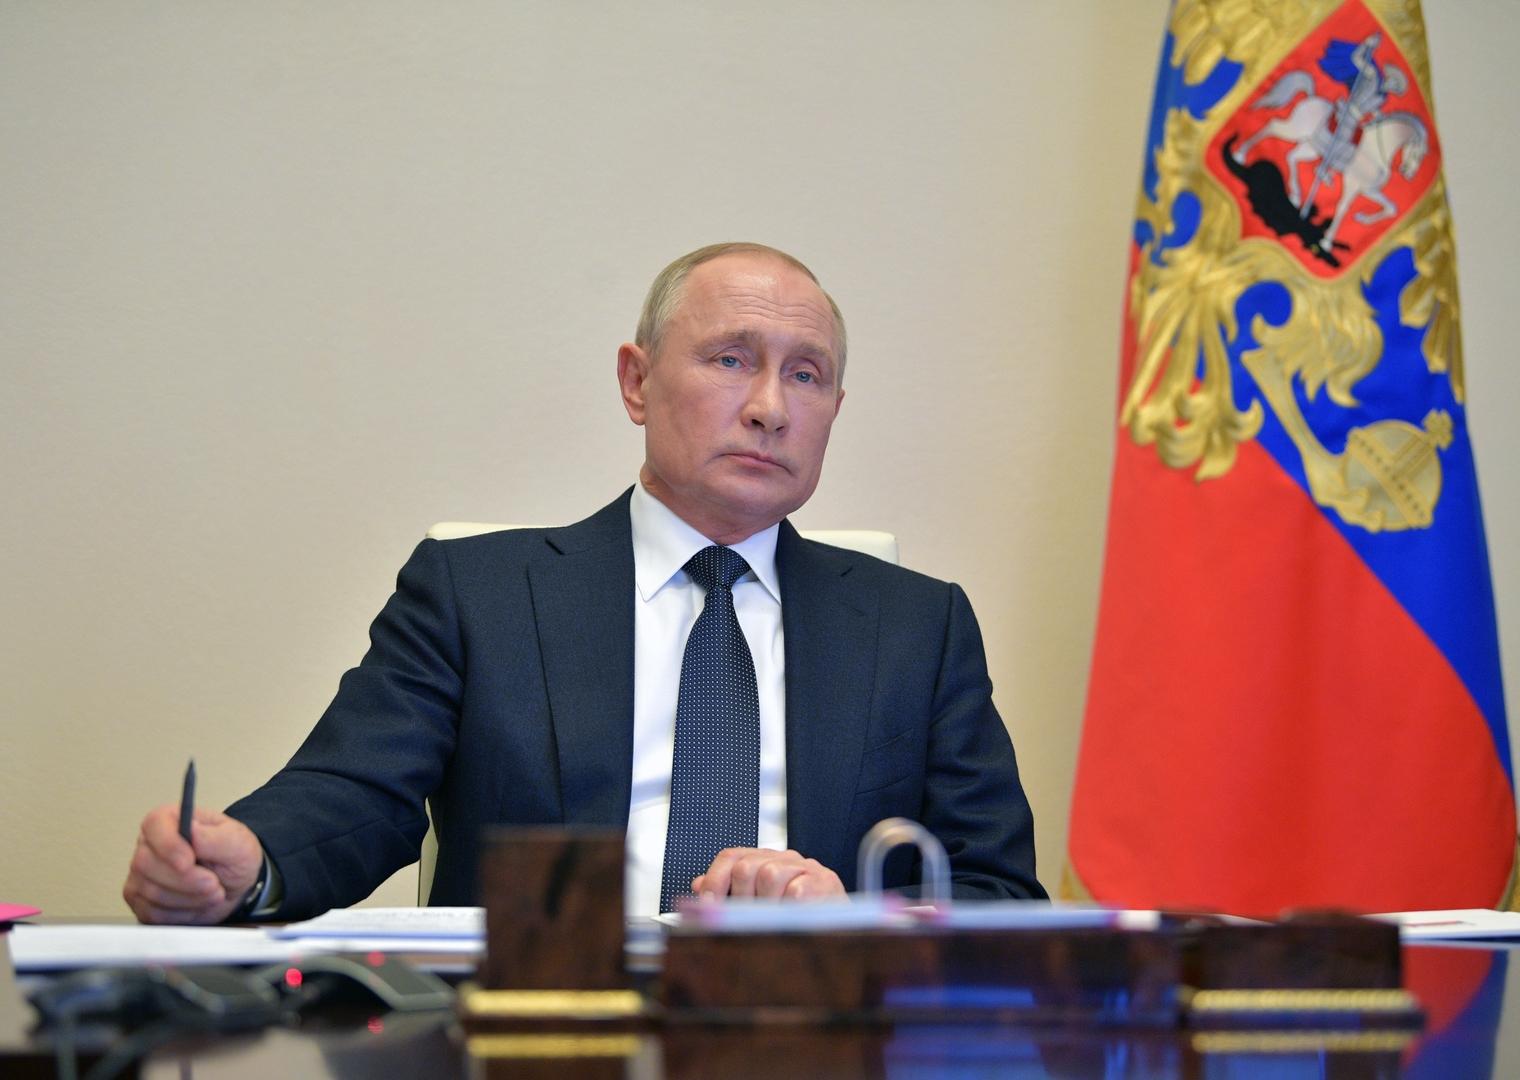 بوتين يبحث مع مجلس الأمن القومي الروسي محاربة كورونا والوضع في ليبيا